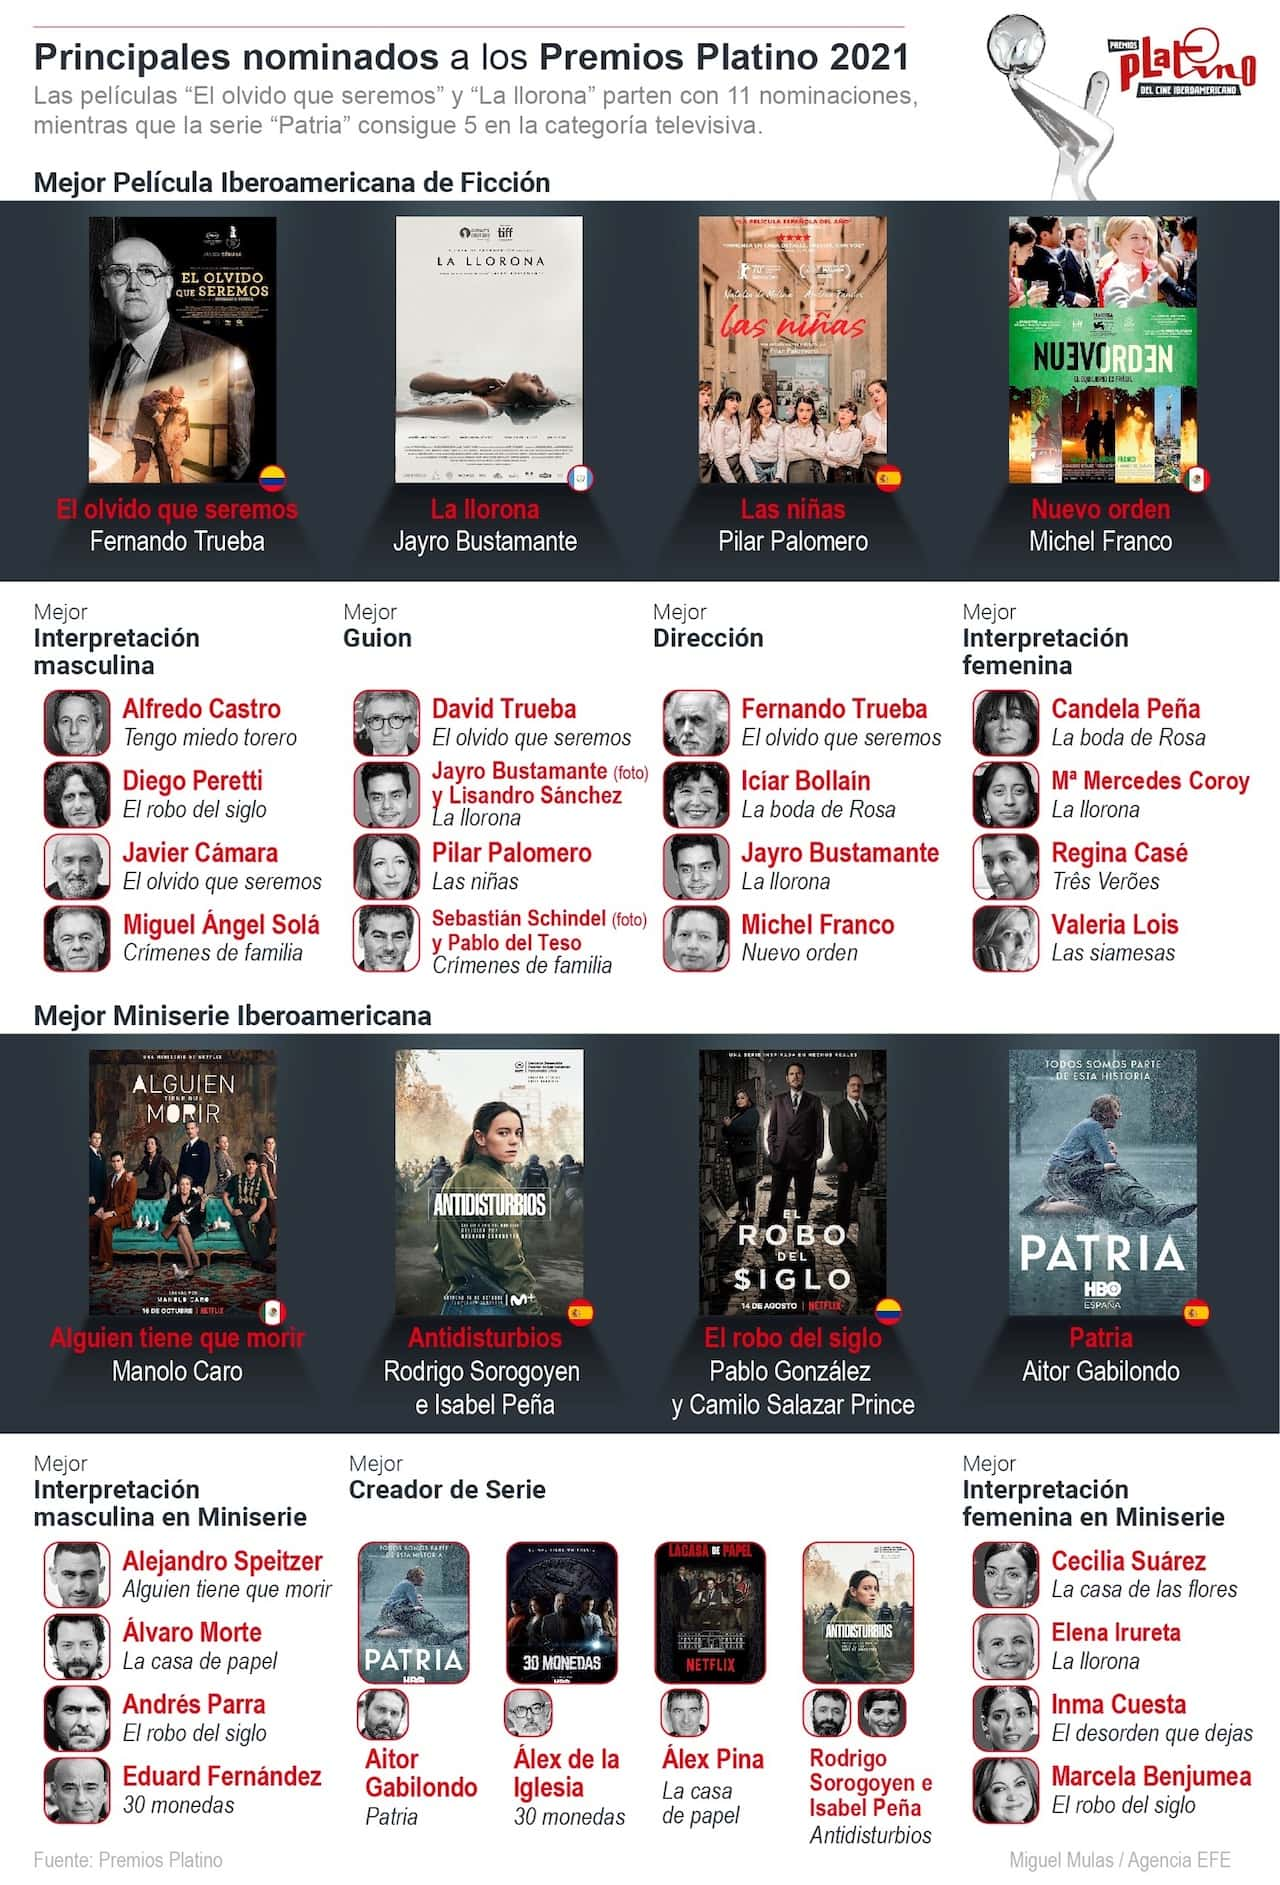 [Infografía] Conozca los nominados a los Premios Platino 2021 1